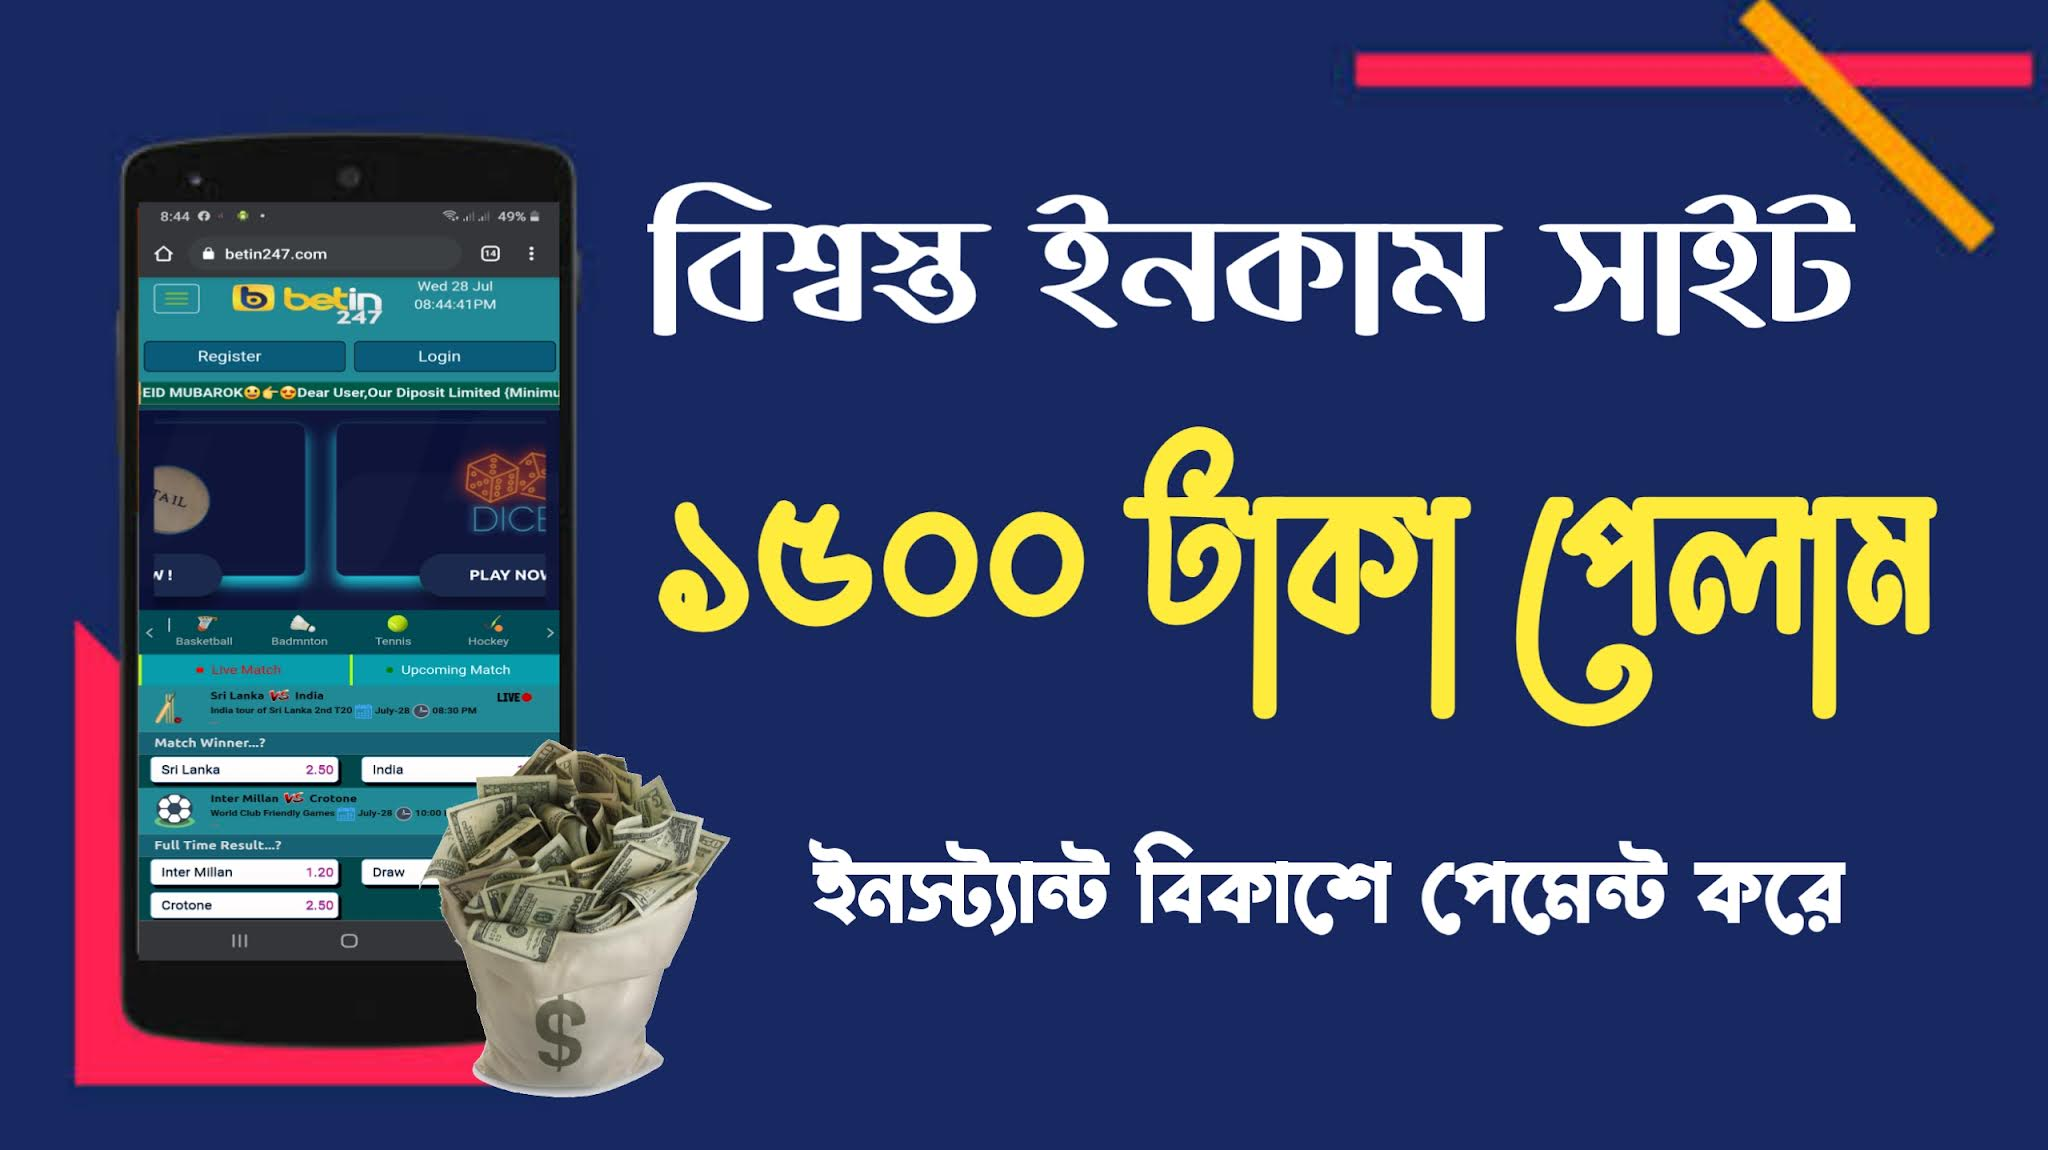 লুডু খেলে ইনকাম করুন এবং বিকাশে টাকা নিন। লাইভ পেমেন্ট প্রুফ ! Bkash payment income apps BD